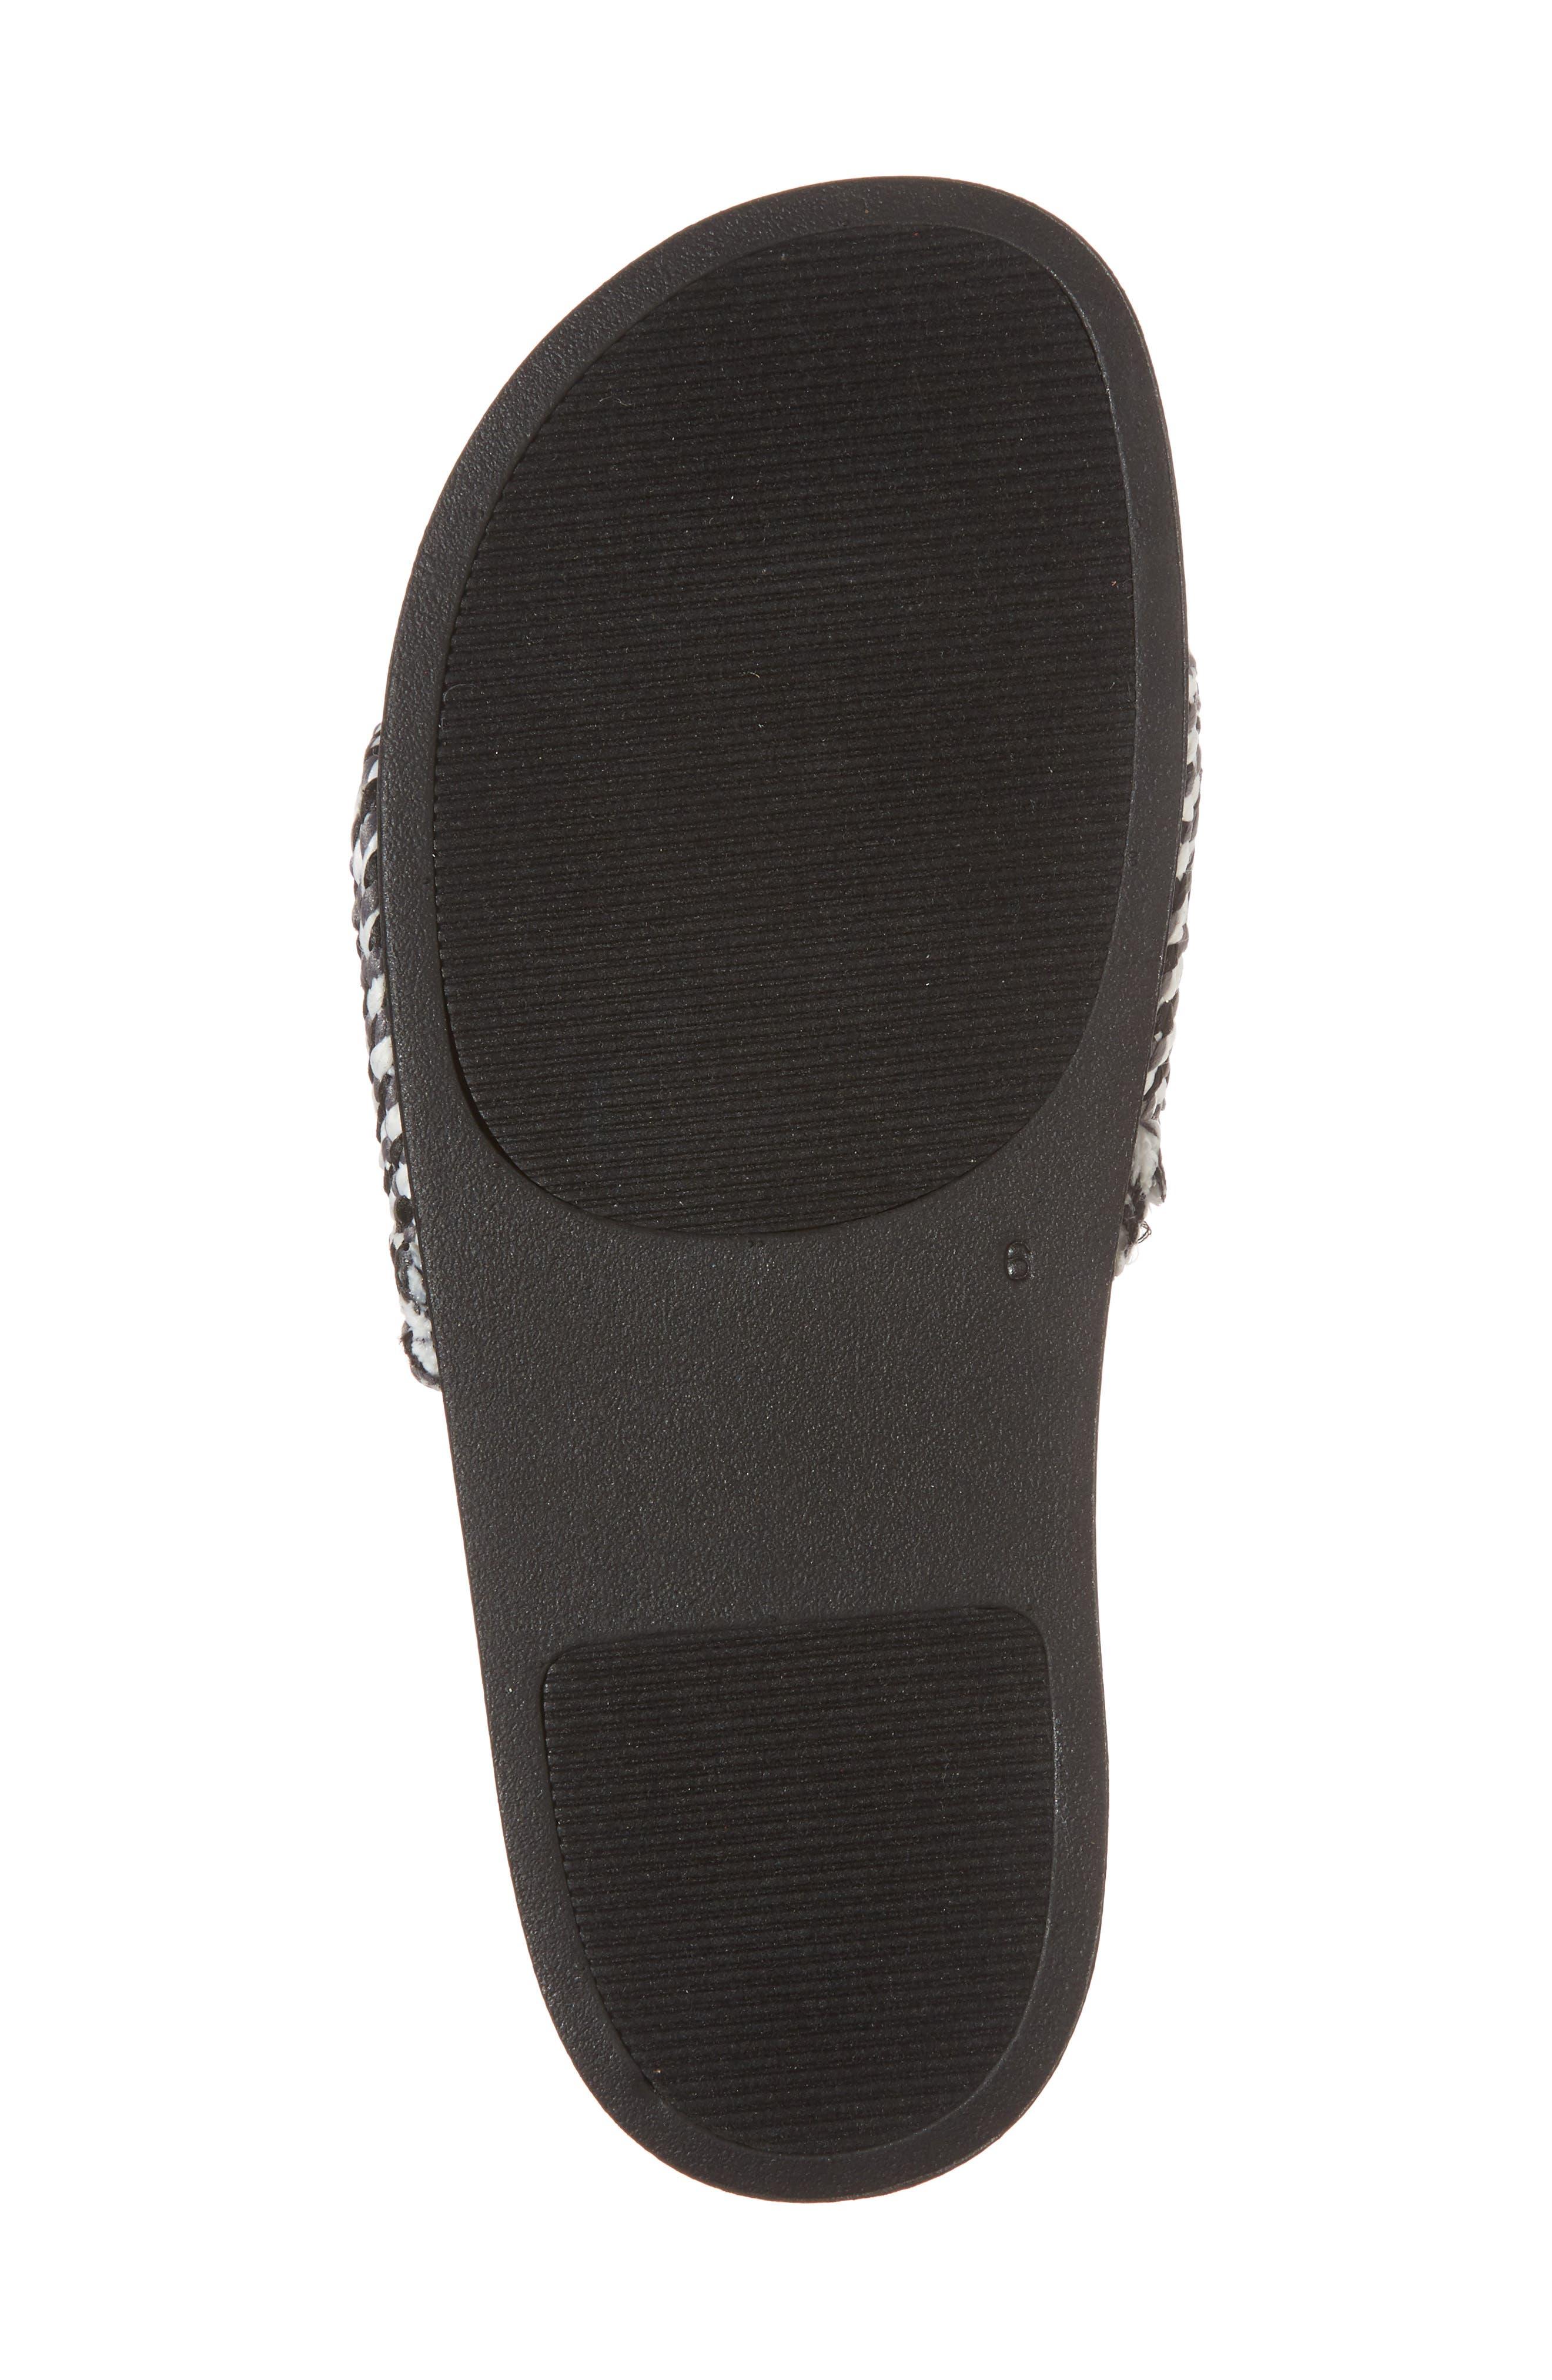 Tressa Woven Slide Sandal,                             Alternate thumbnail 6, color,                             004